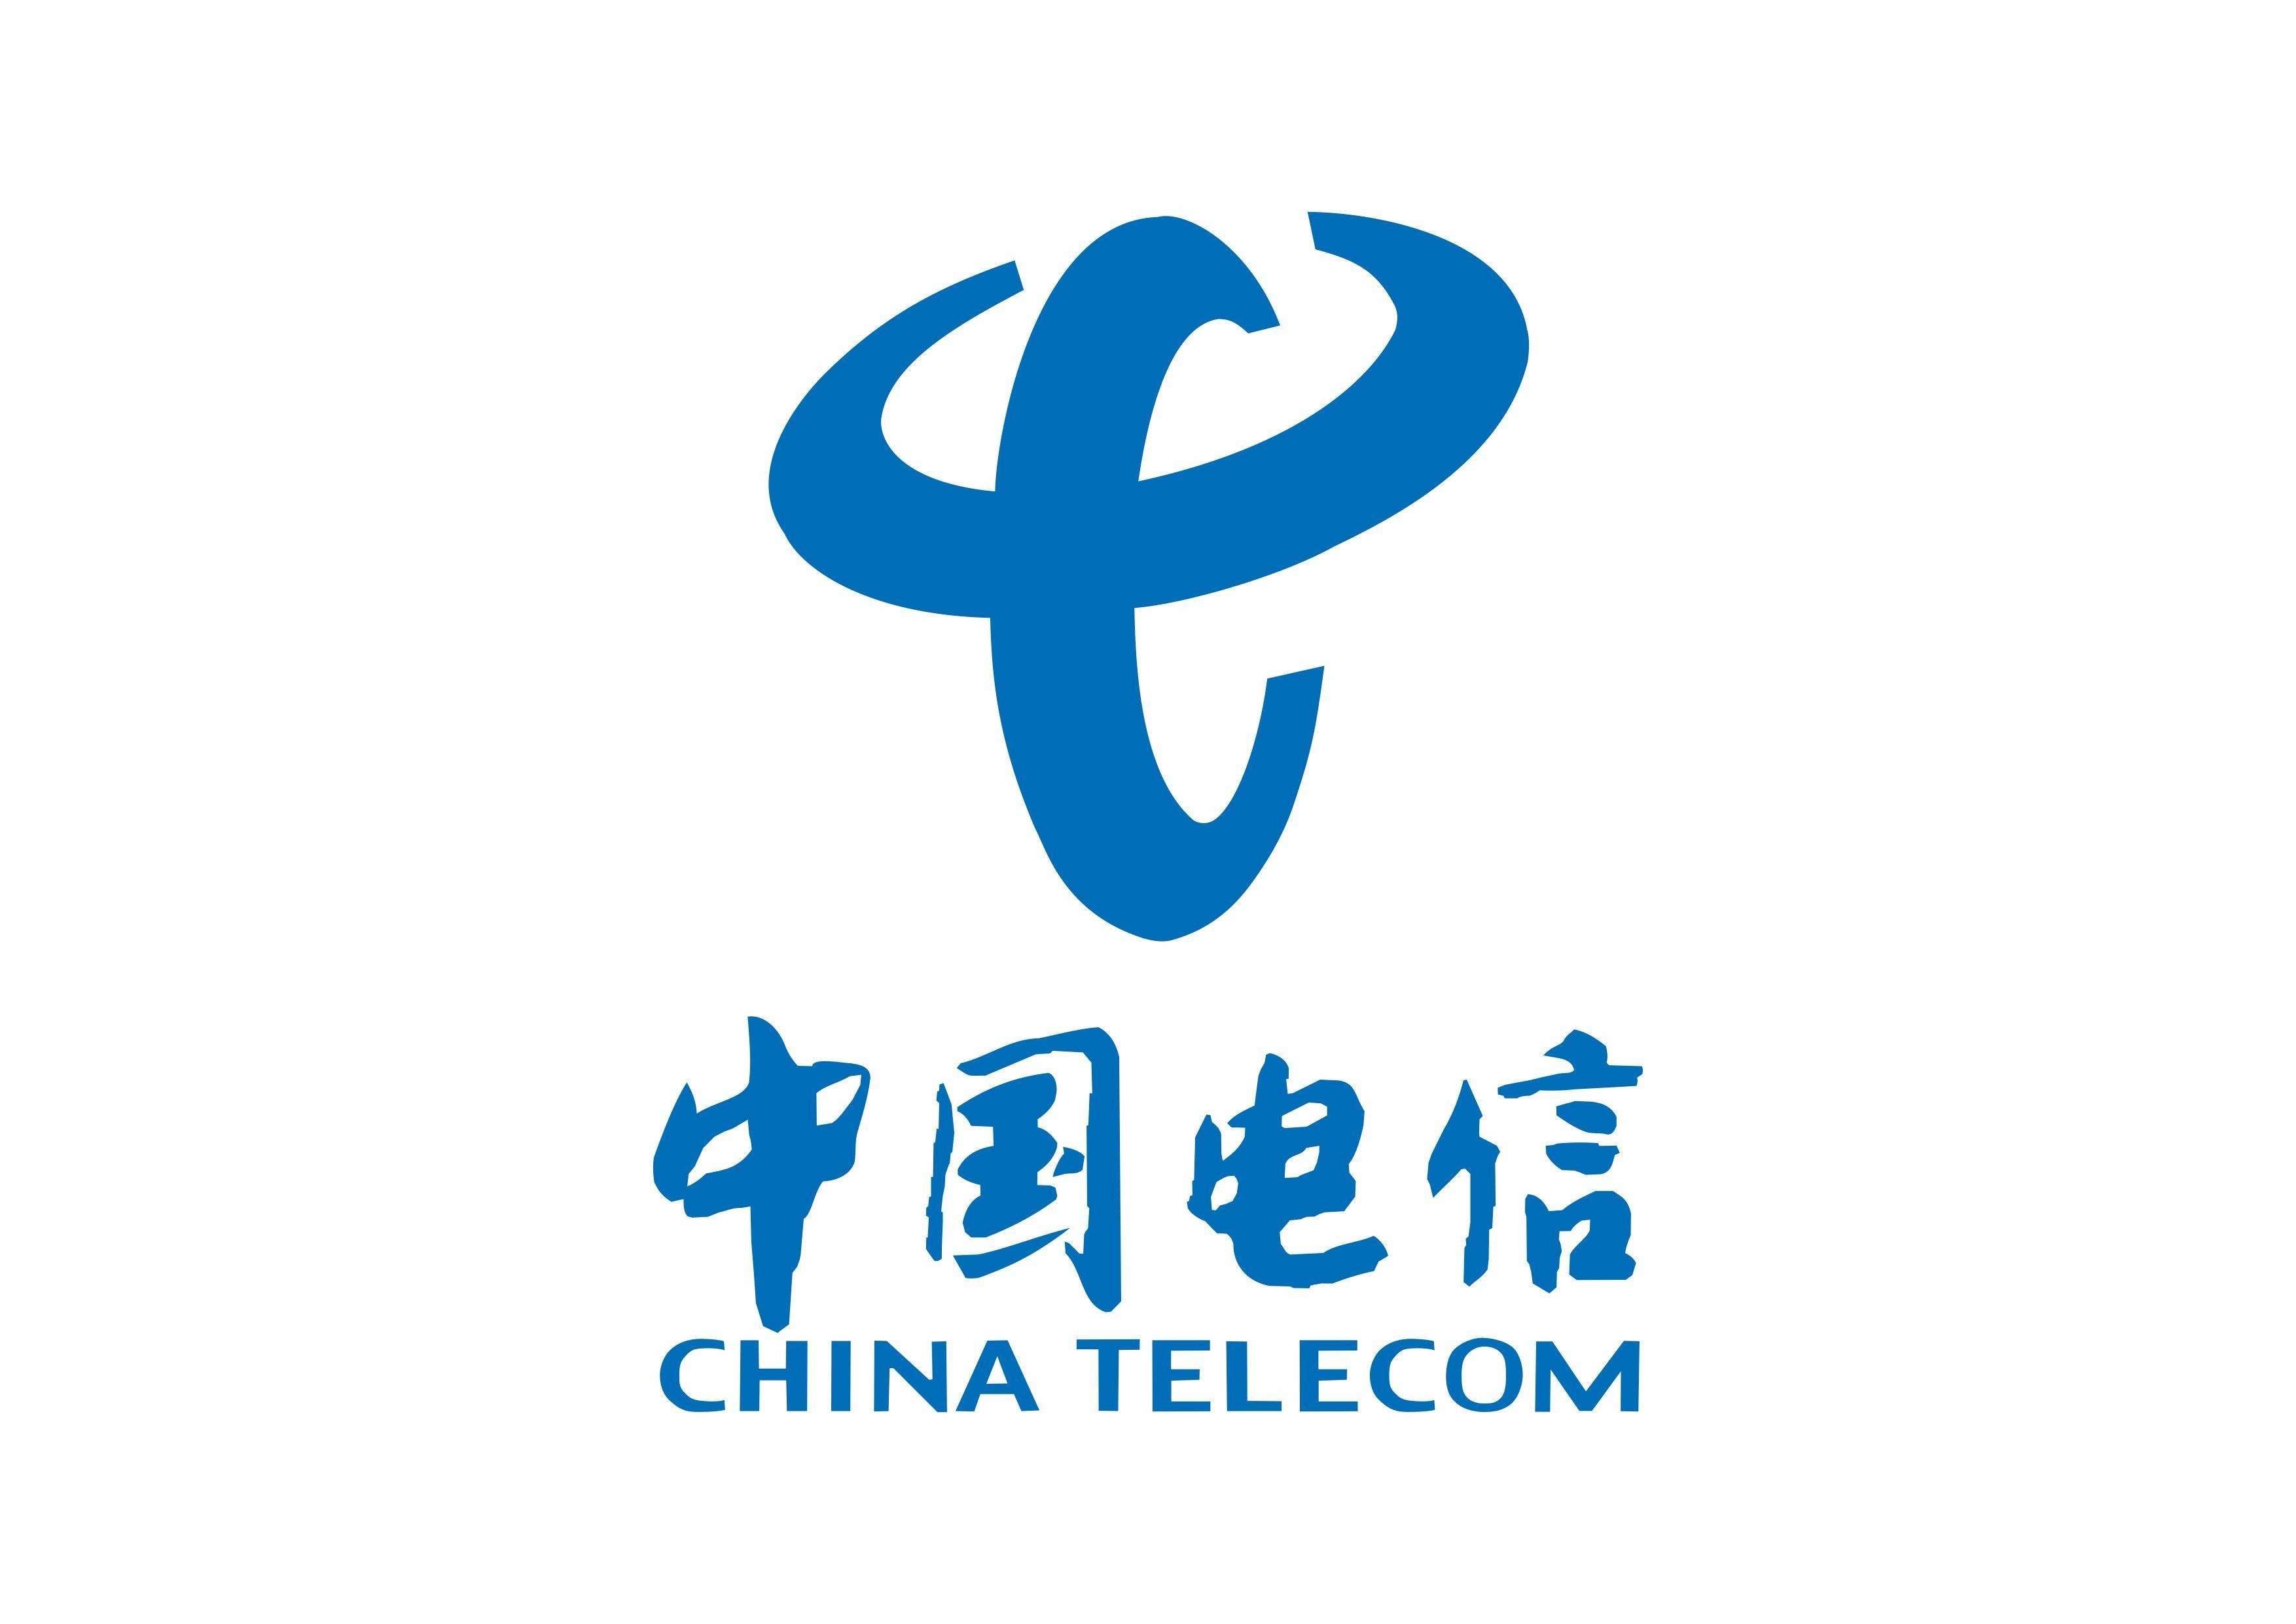 广西电信正在把服务质量作为企业持续健康发展的生命线